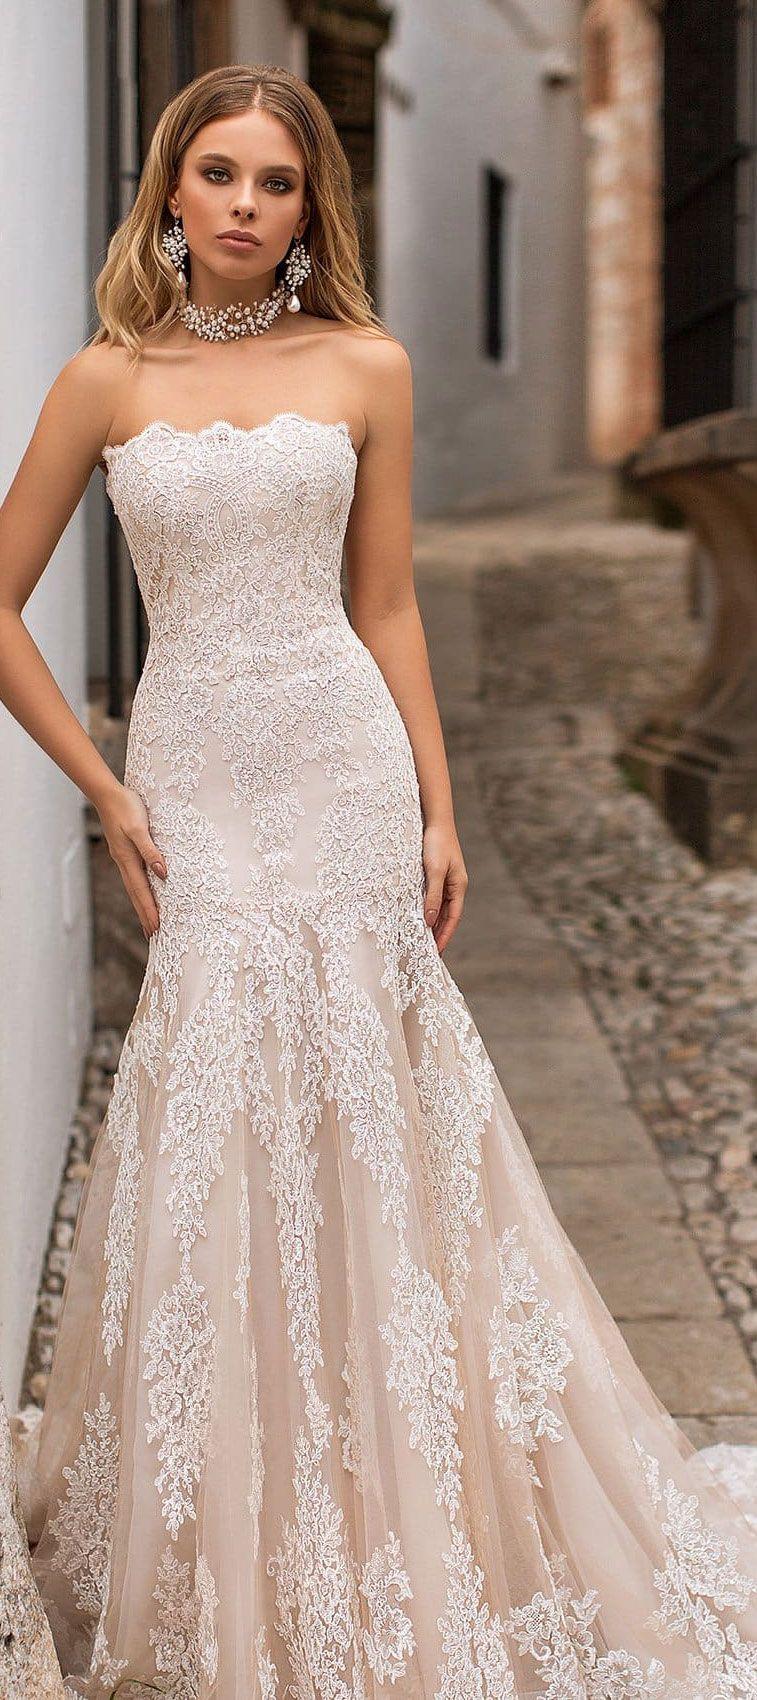 f6a9a9f3e28 ... Naviblue Bridal 2018 Wedding Dresses - Dolly Bridal Collection   weddingdress  weddinggown  brideddress ...